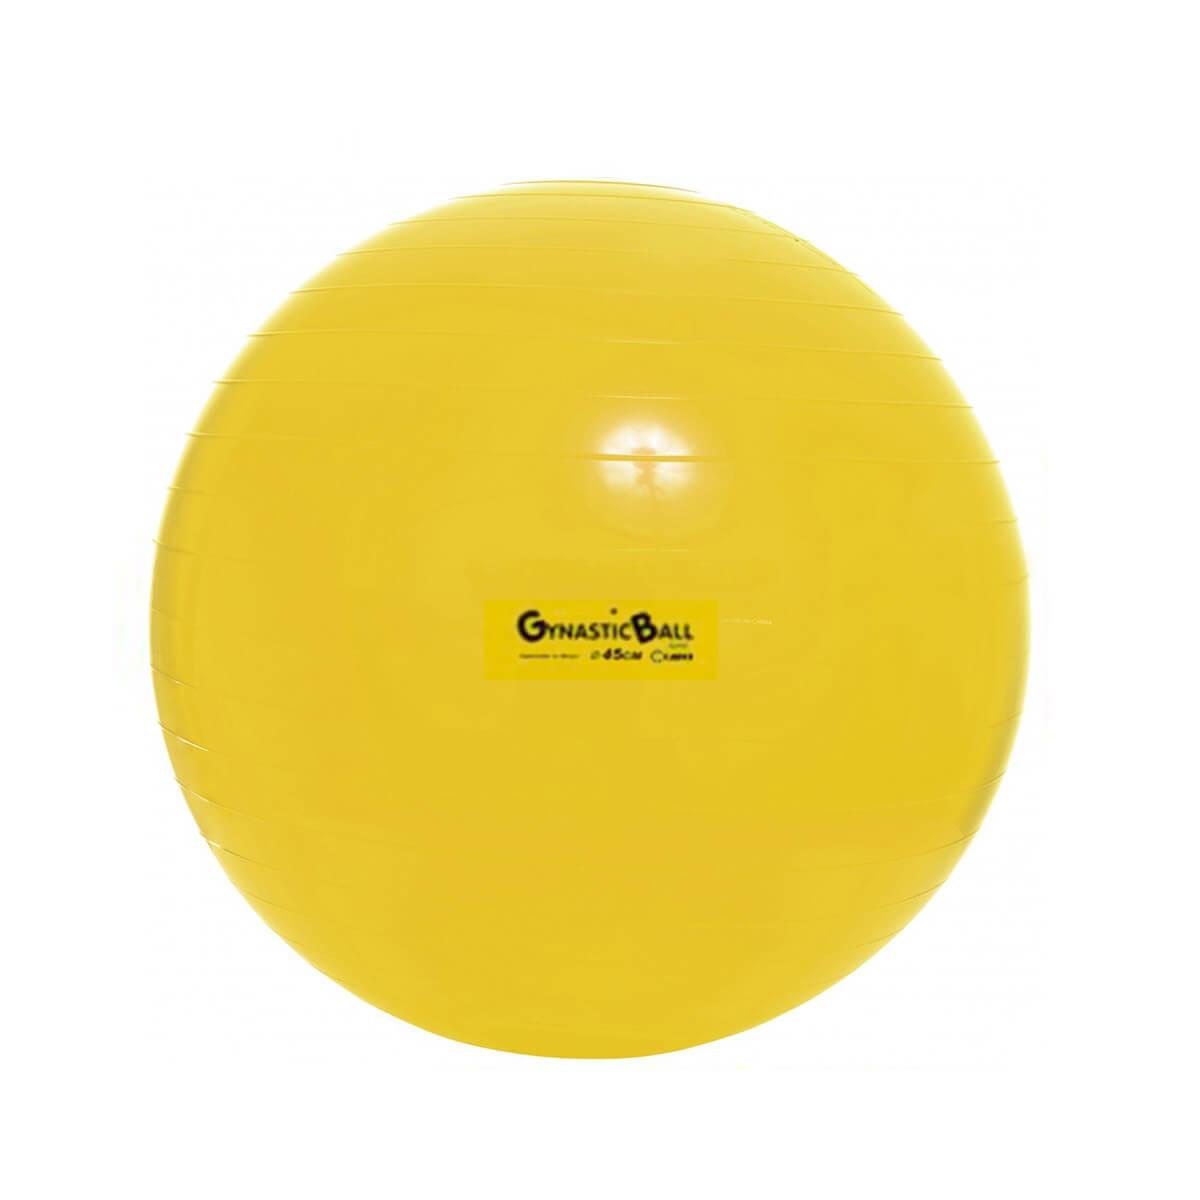 Bola p/ Exercícios Gynastic Ball 45cm c/ Dvd de Exercícios